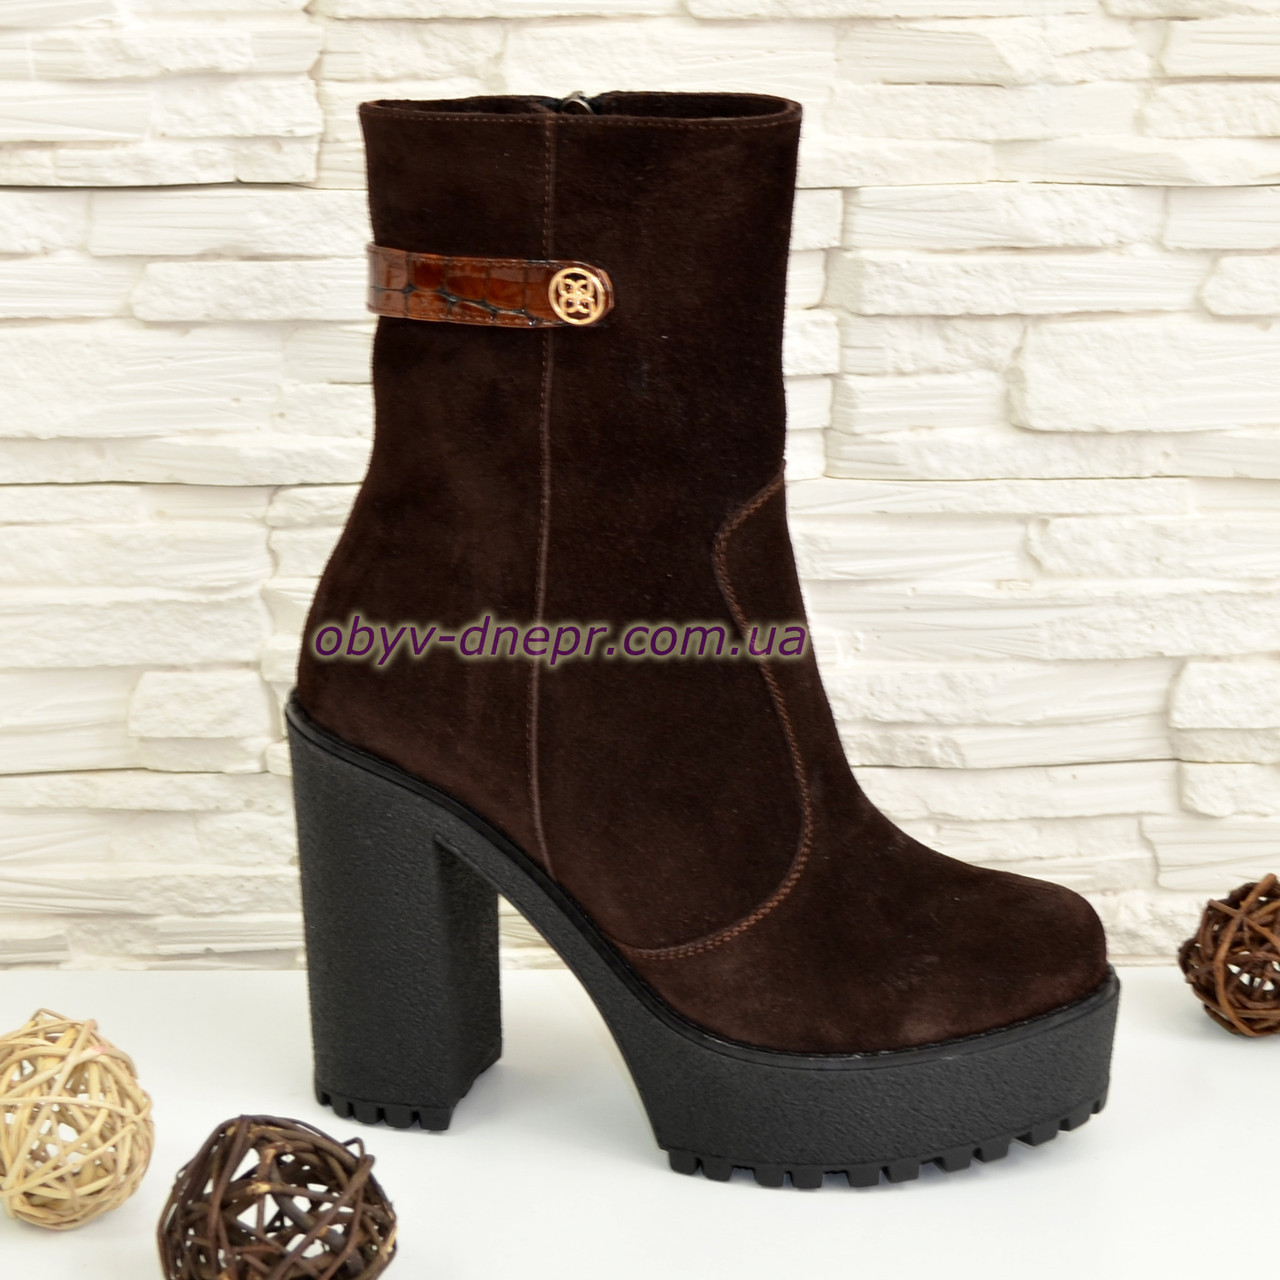 Ботинки женские коричневые замшевые   на платформе